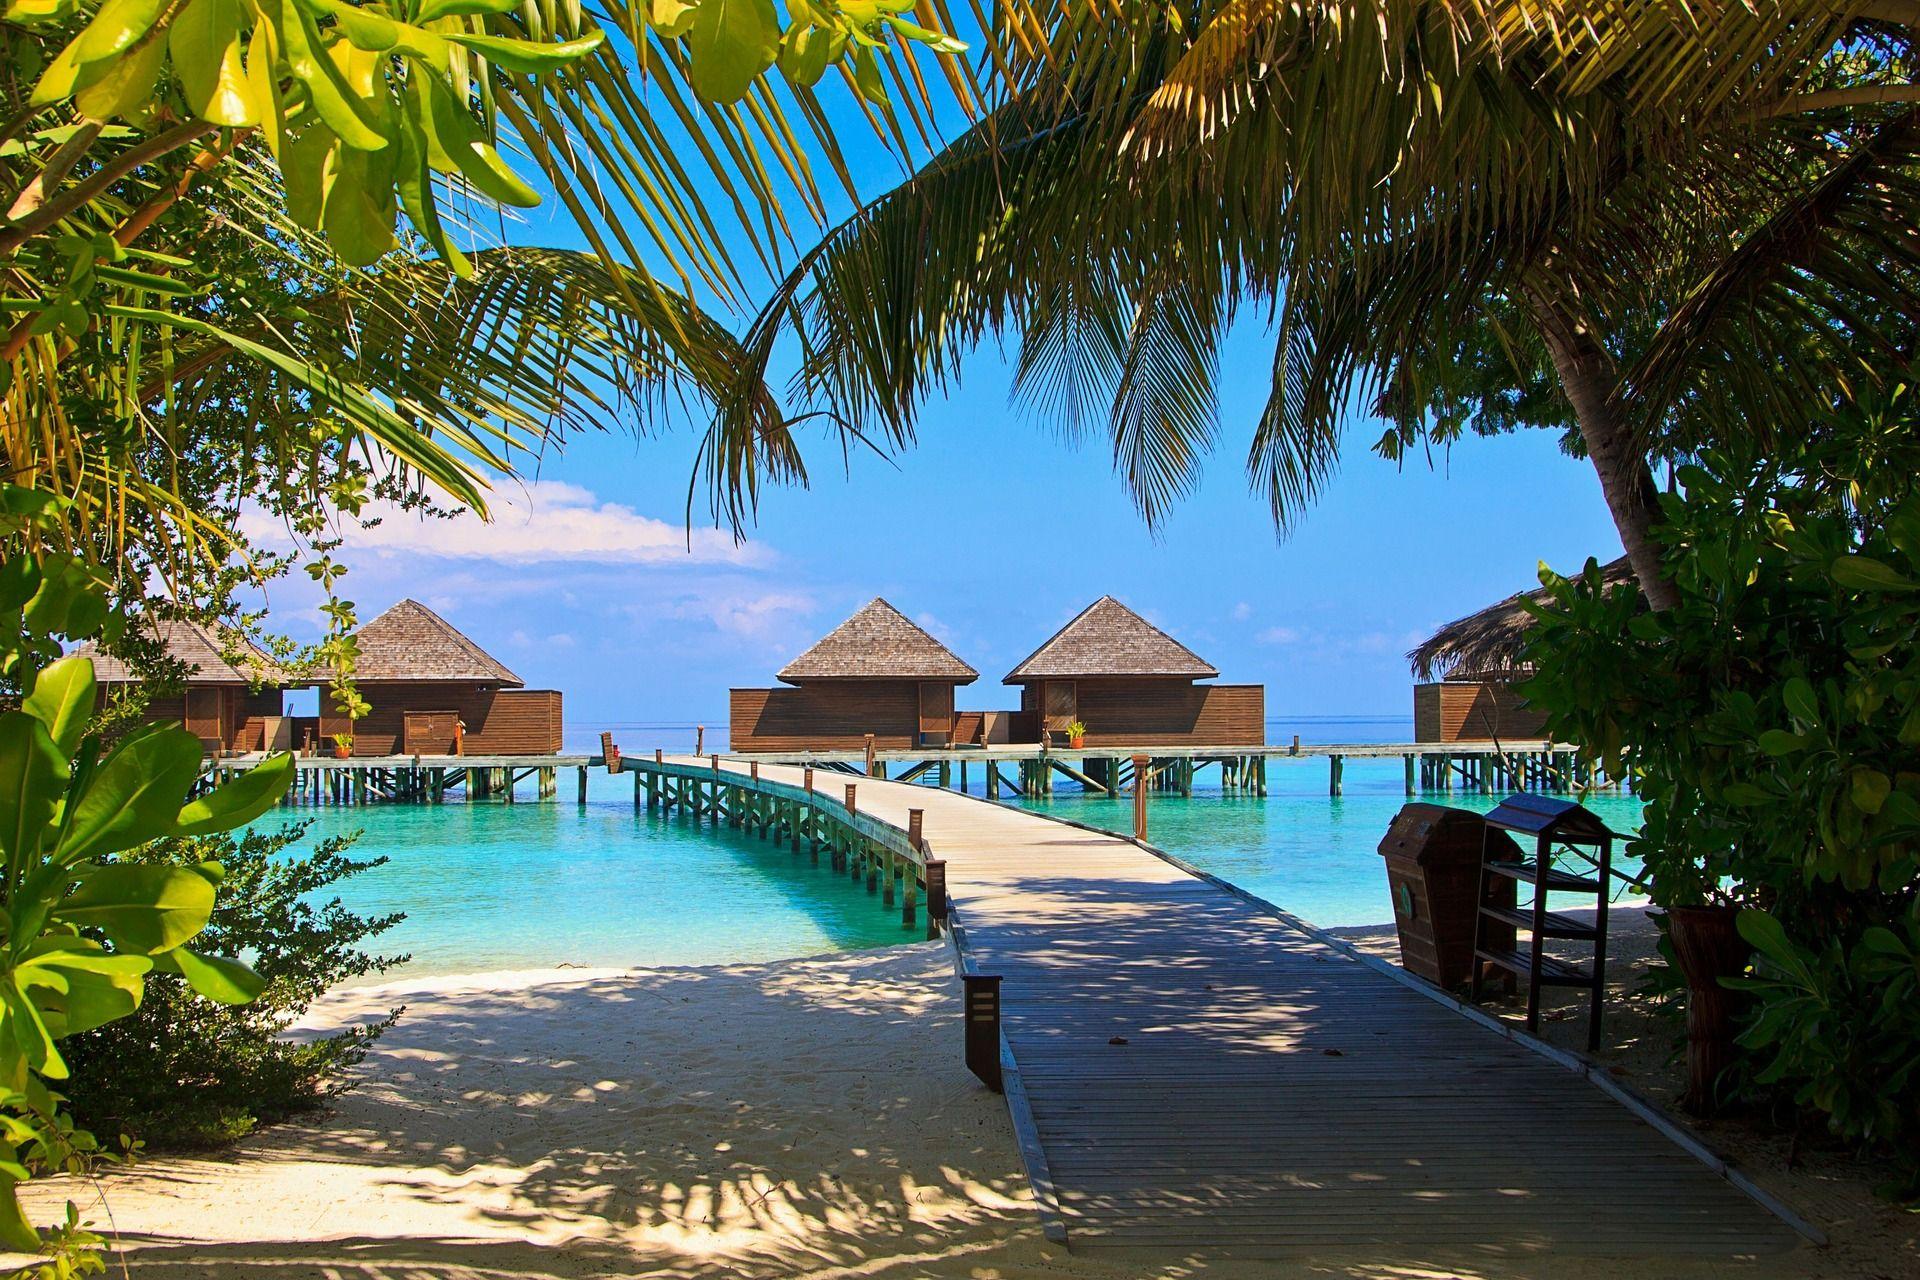 Ab Auf Die Malediven Paradise Urlaub Hochzeit Reisen Www